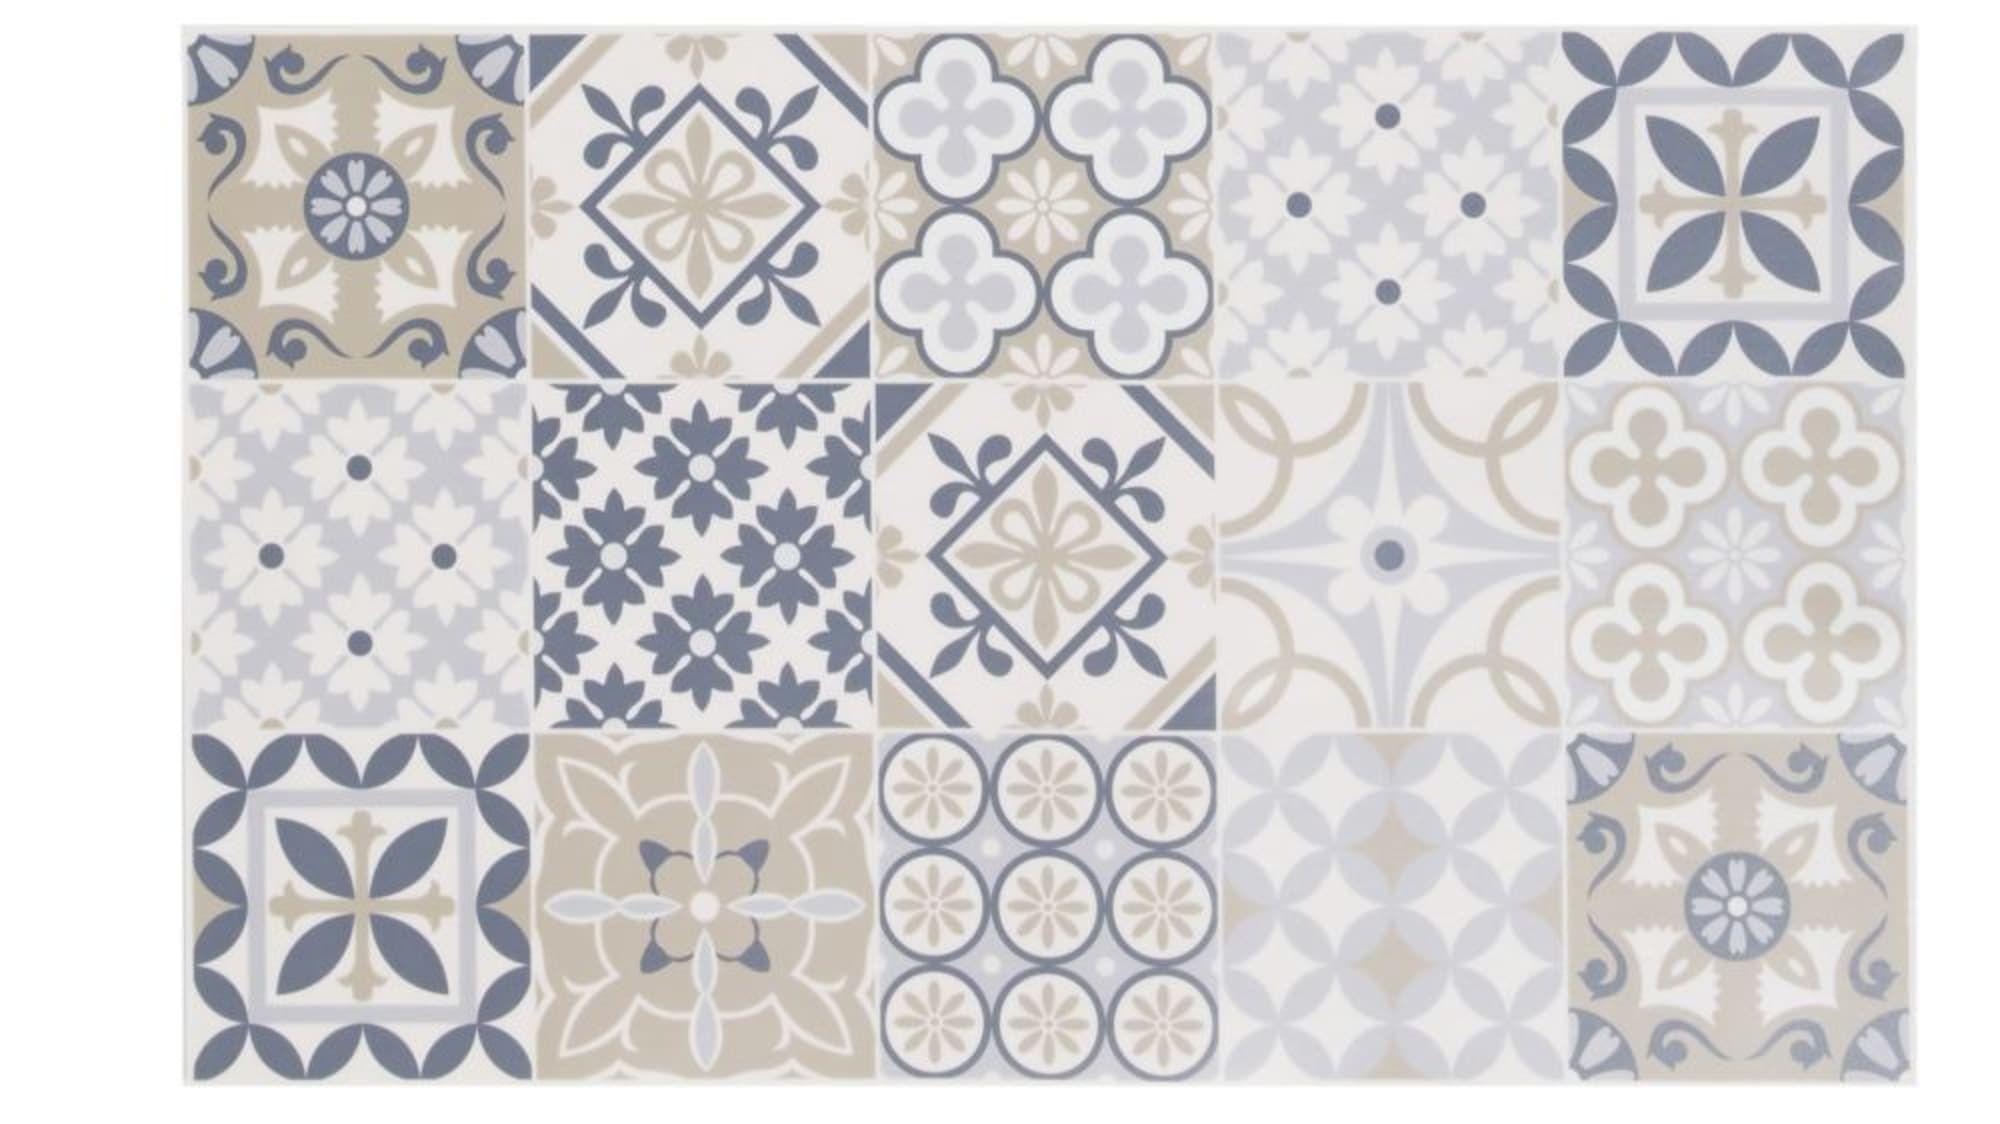 Tapis En Vinyle Motifs Carreaux De Ciment Multicolores 50x80 Lisboa Maisons Du Monde Carreau De Ciment Tapis